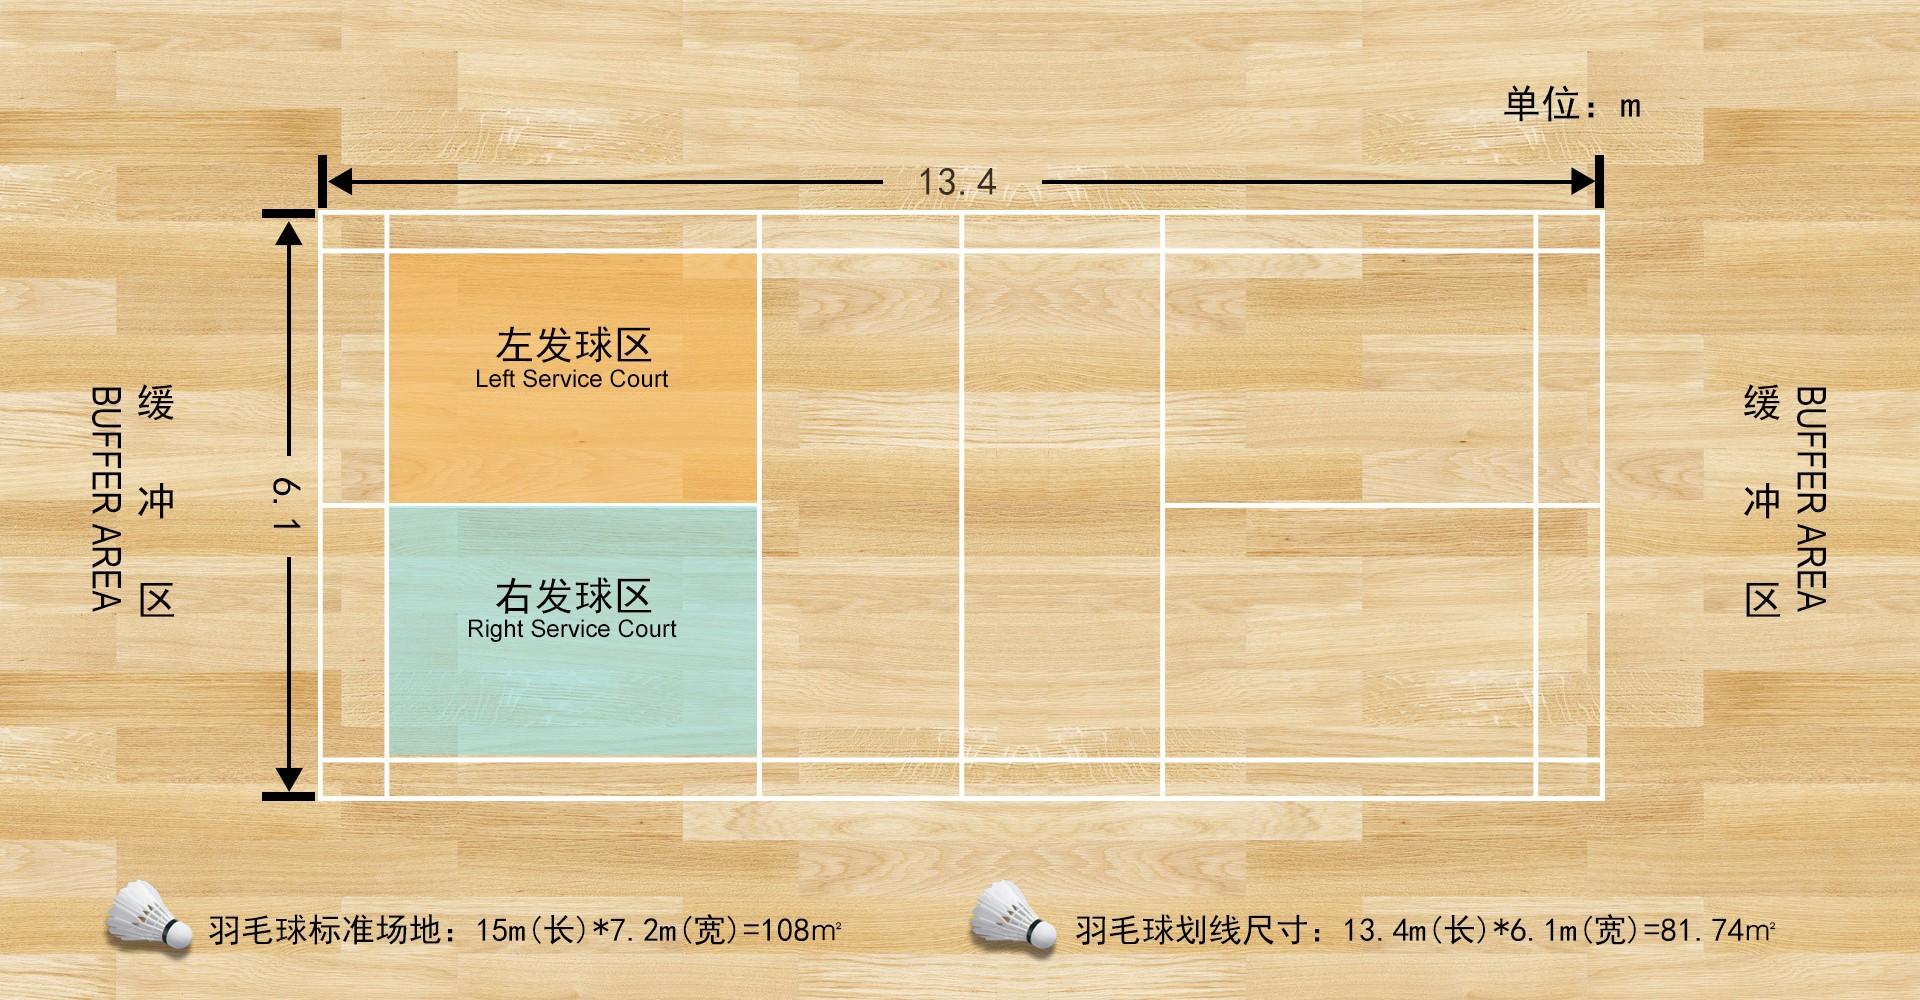 羽毛球场实木地板效果图